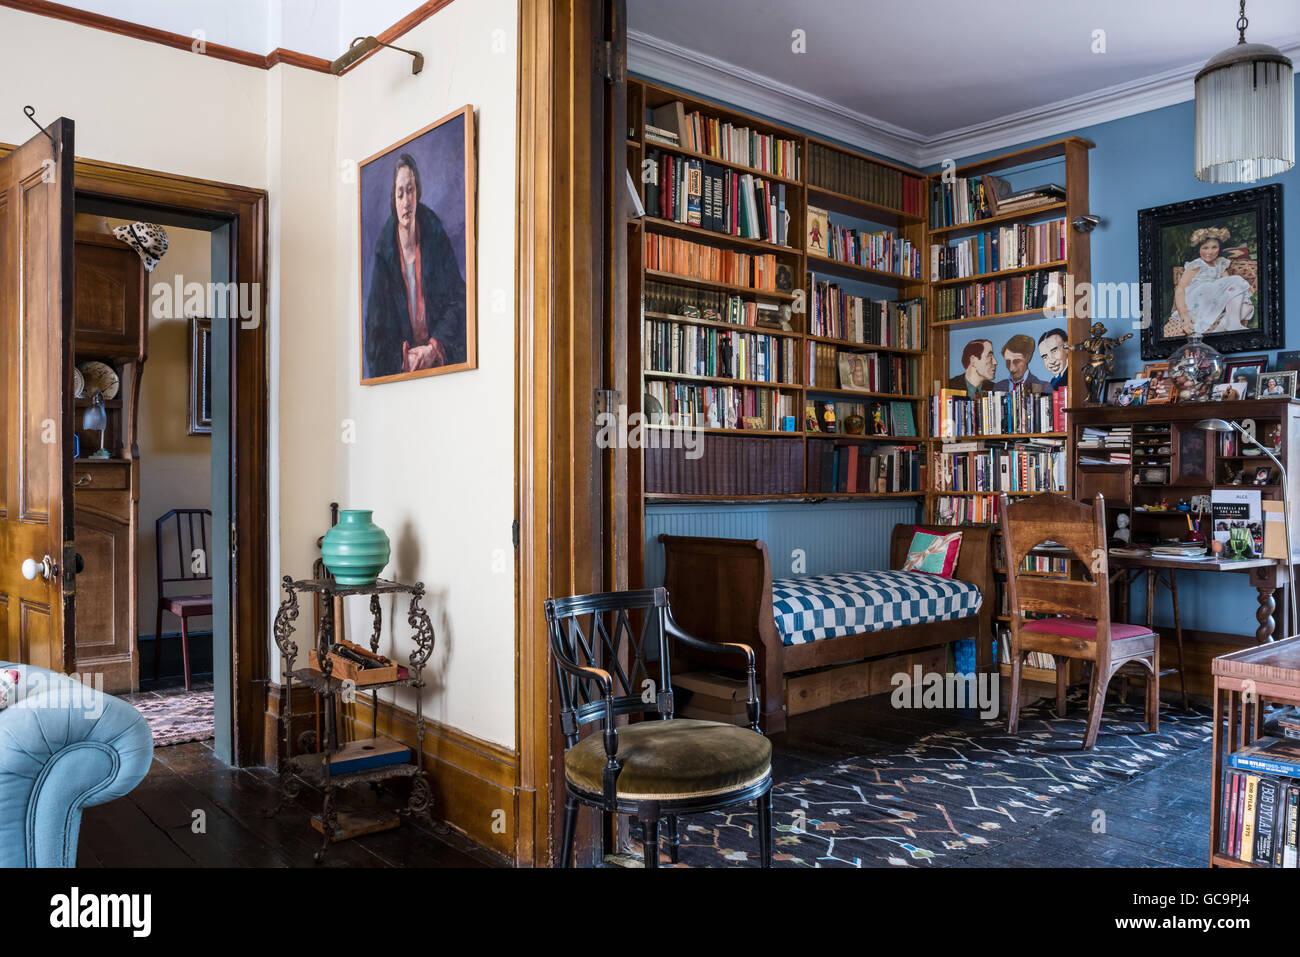 Hölzerne Bücherregale über antike liege in Studie von Nottinghill Haus, London, UK Stockbild